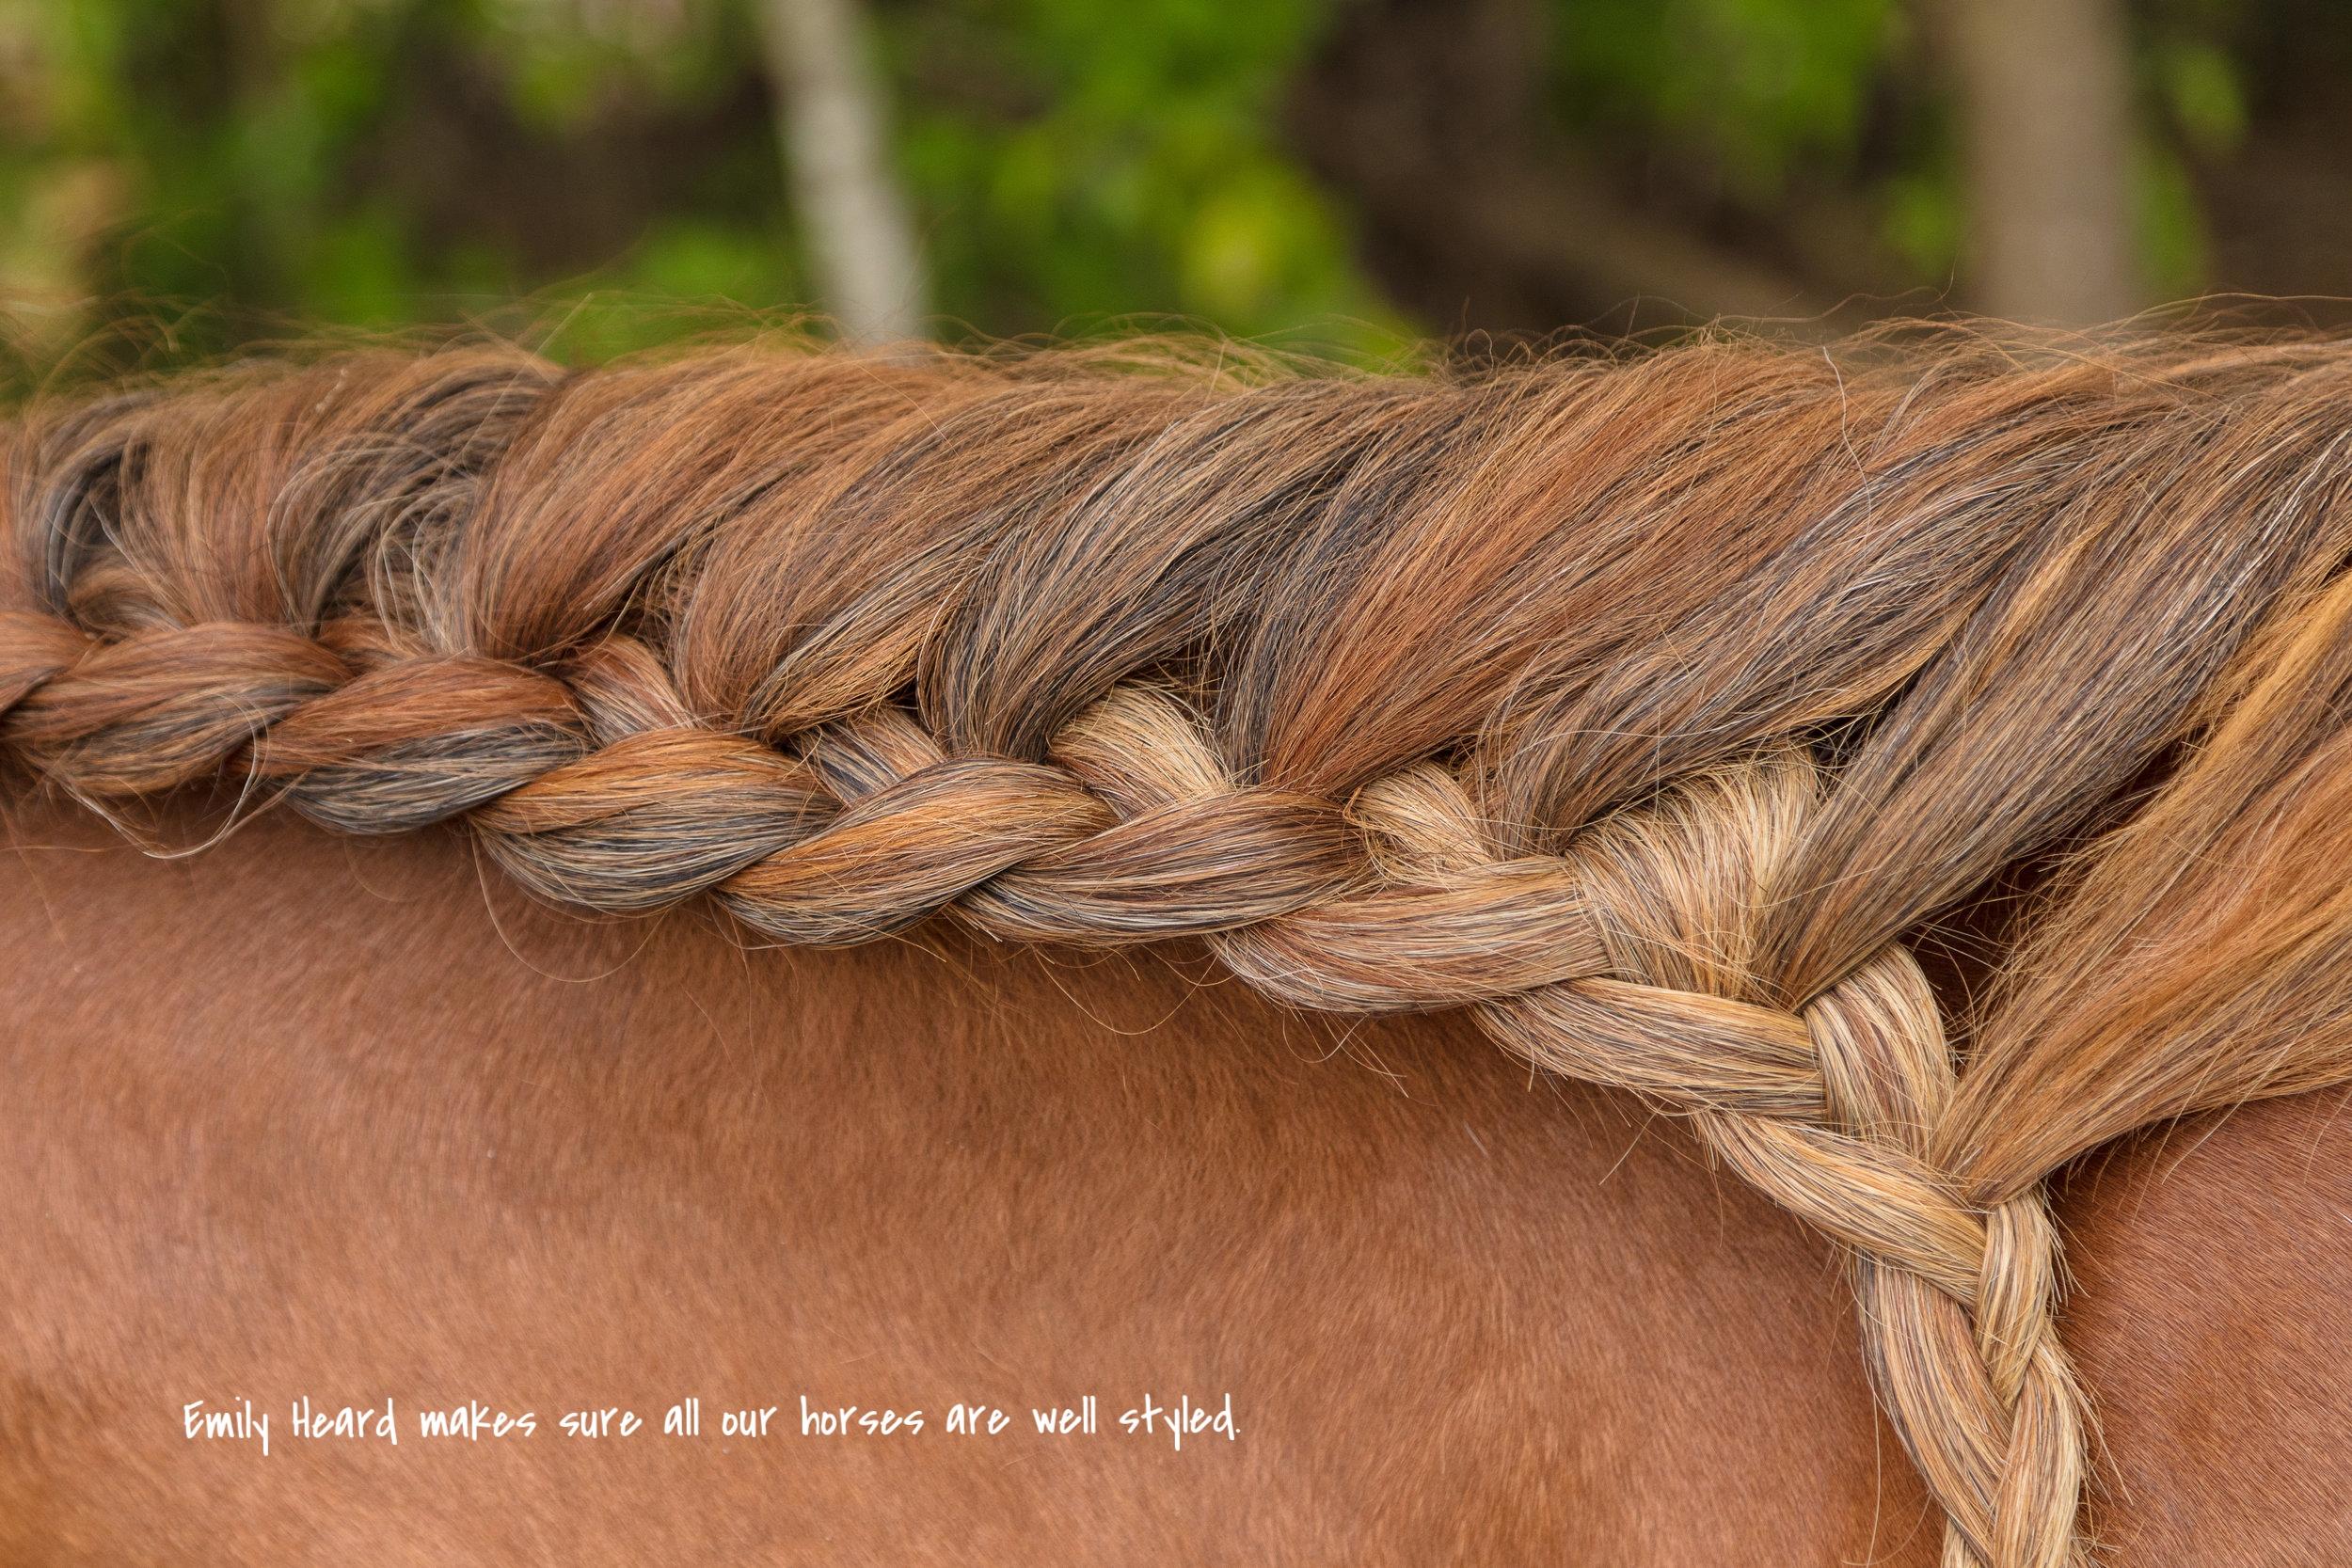 Windhorse Path 5-20-17 N-WM-1.jpg